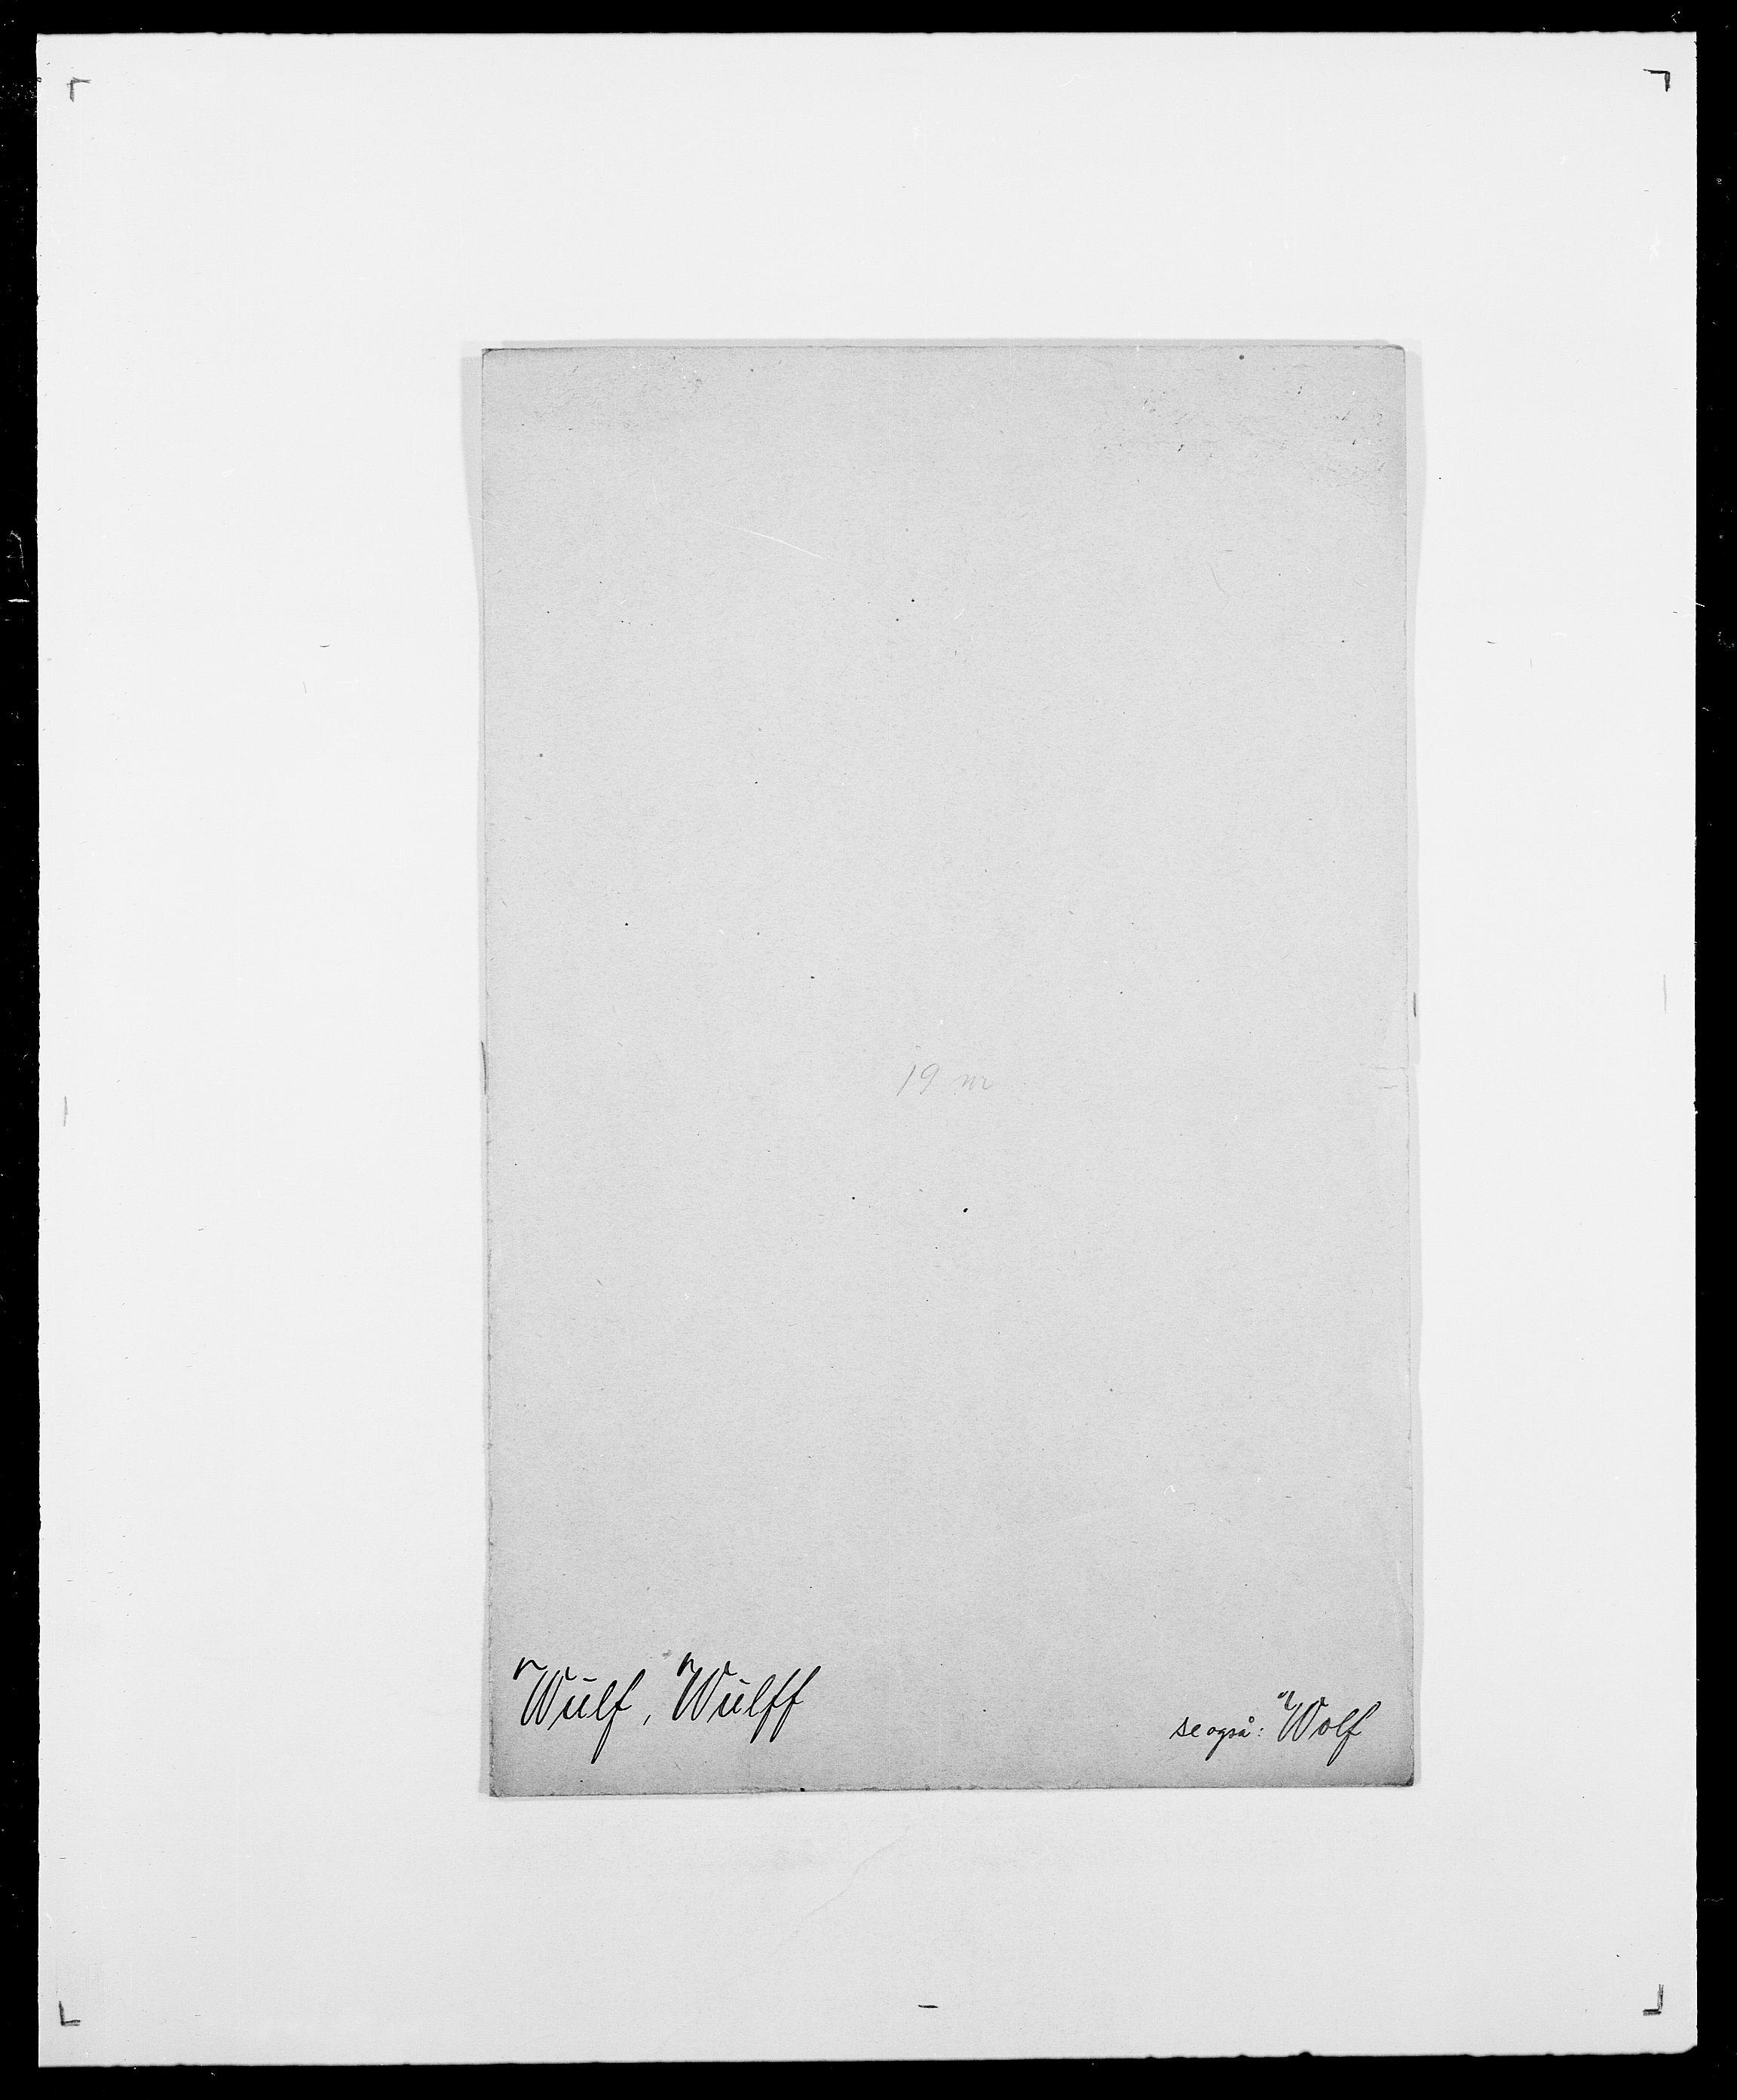 SAO, Delgobe, Charles Antoine - samling, D/Da/L0042: Vilain - Wulf, Wulff, se også Wolf, s. 790